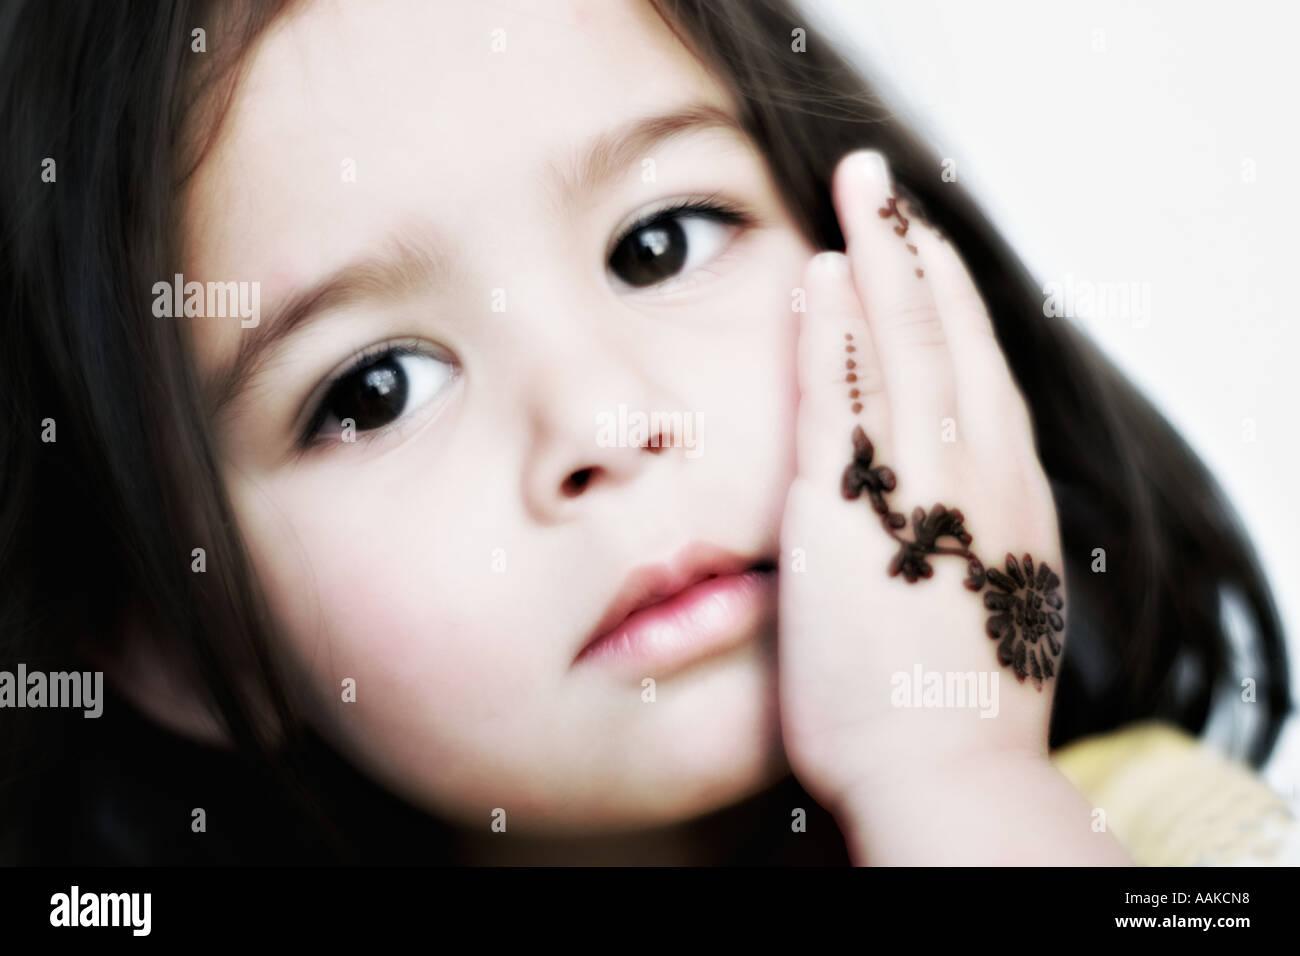 Zwei Jahre altes Mädchen mit großen braunen Augen und Henna auf ihre ...